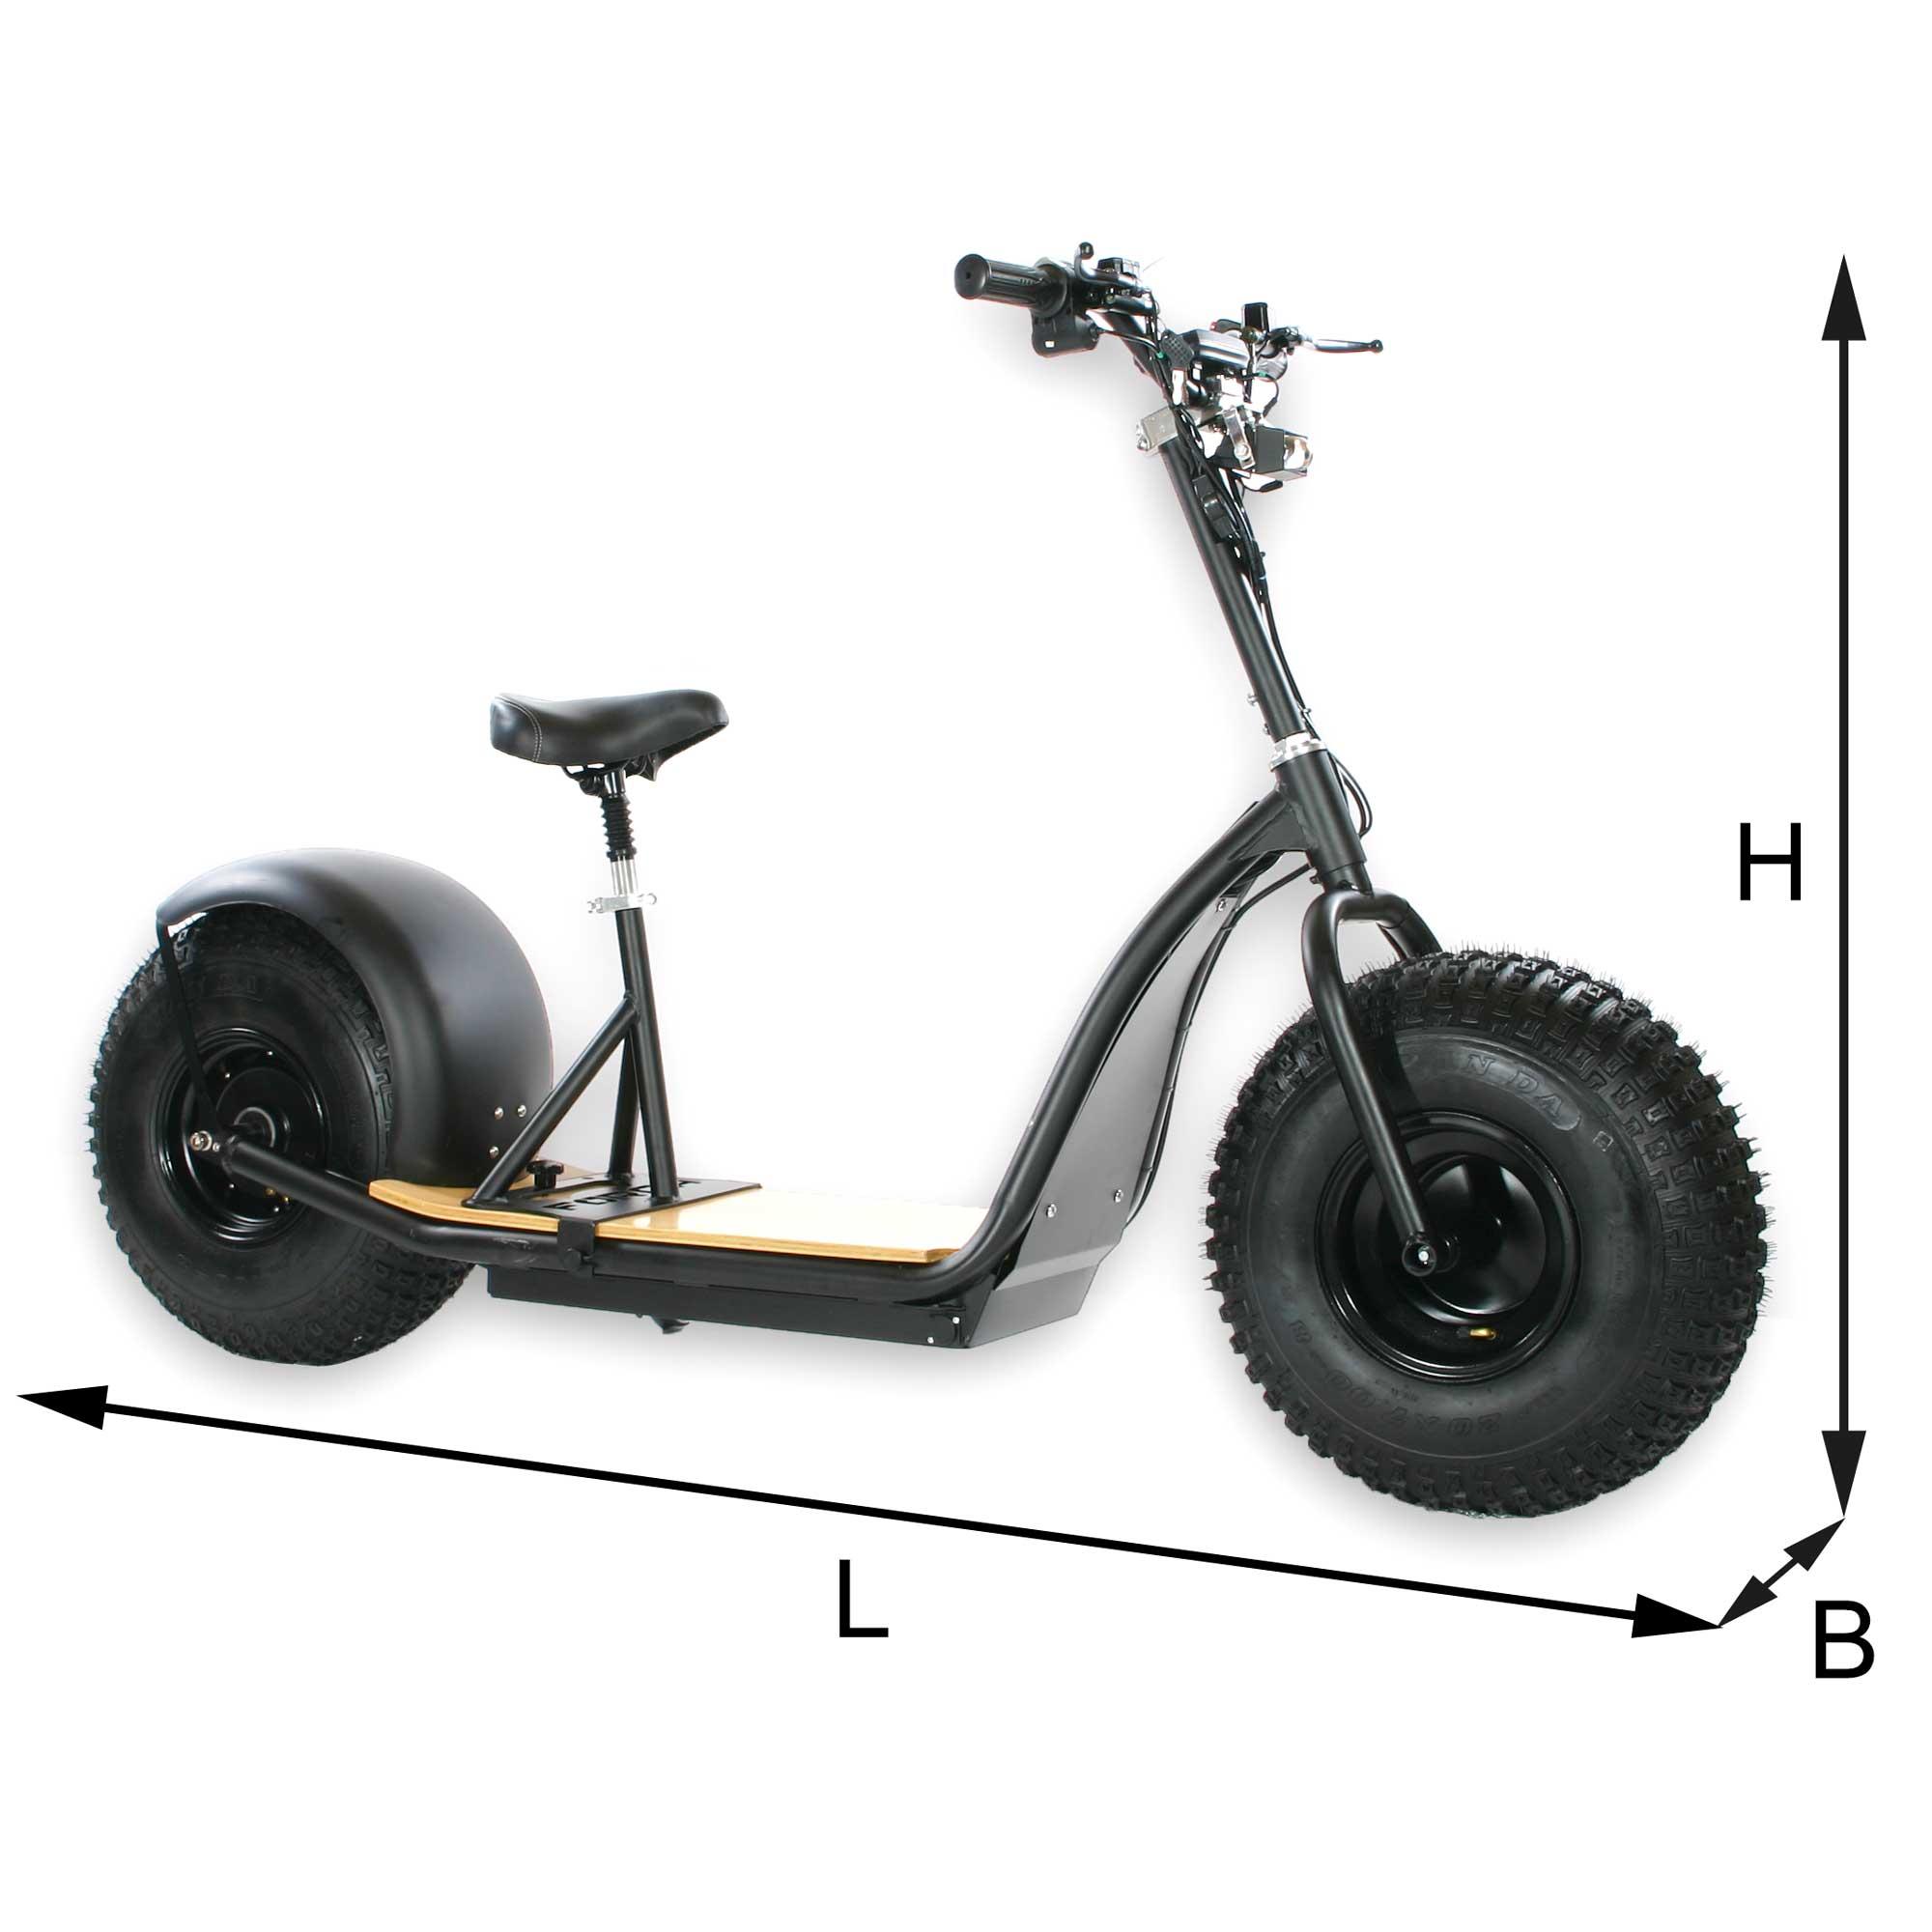 forca_knumo_e-scooter_13.jpg